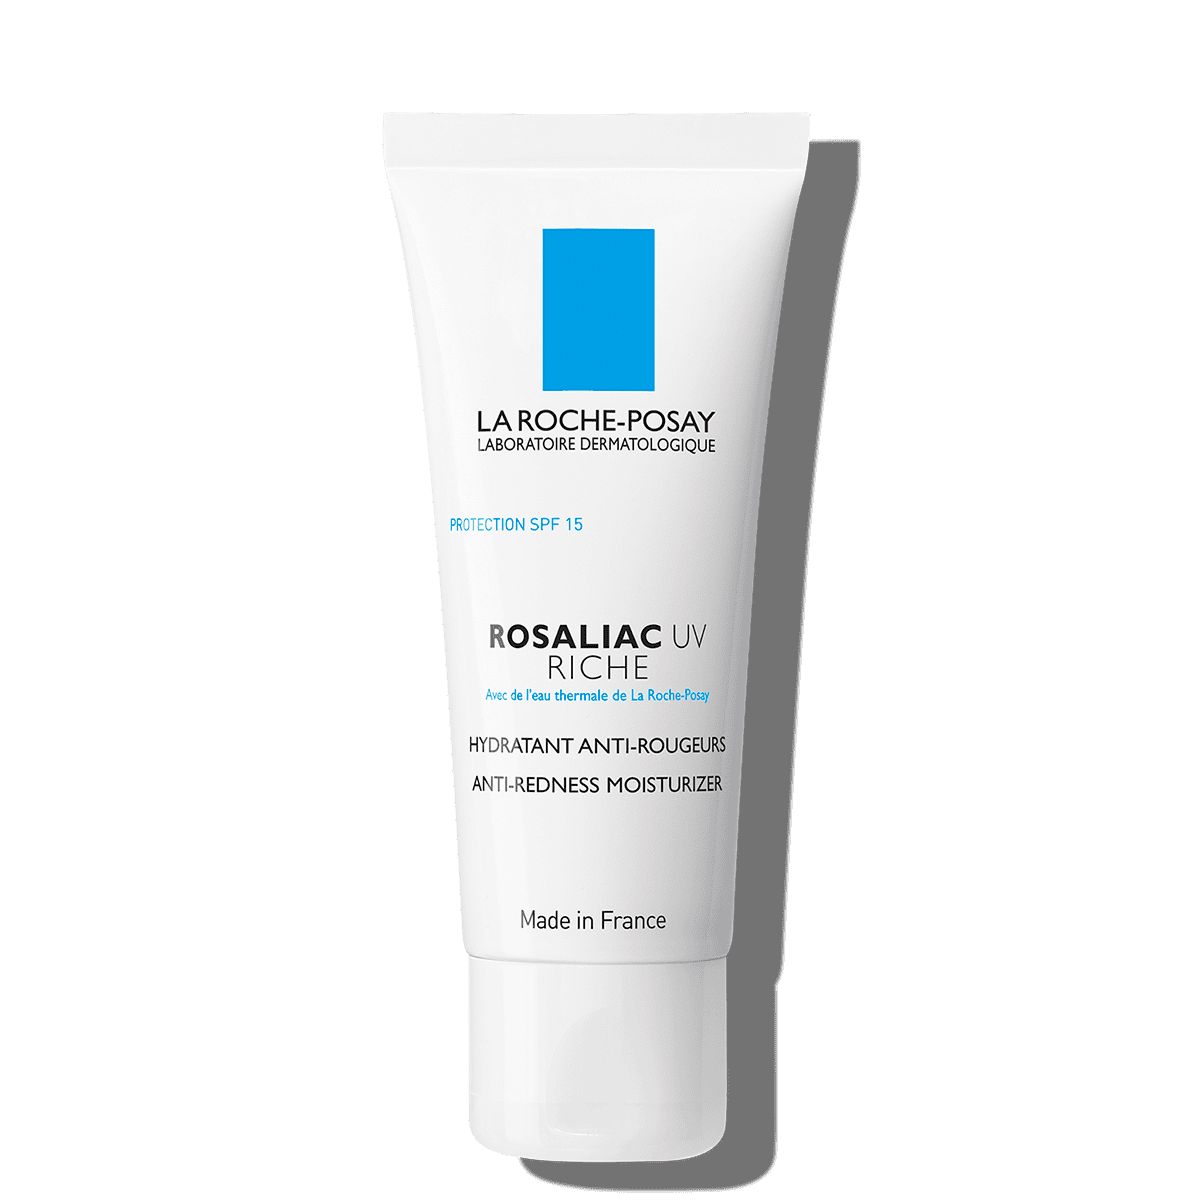 La Roche Posay ProductPage Face Care Rosaliac UV Rich Spf15 40ml 33378